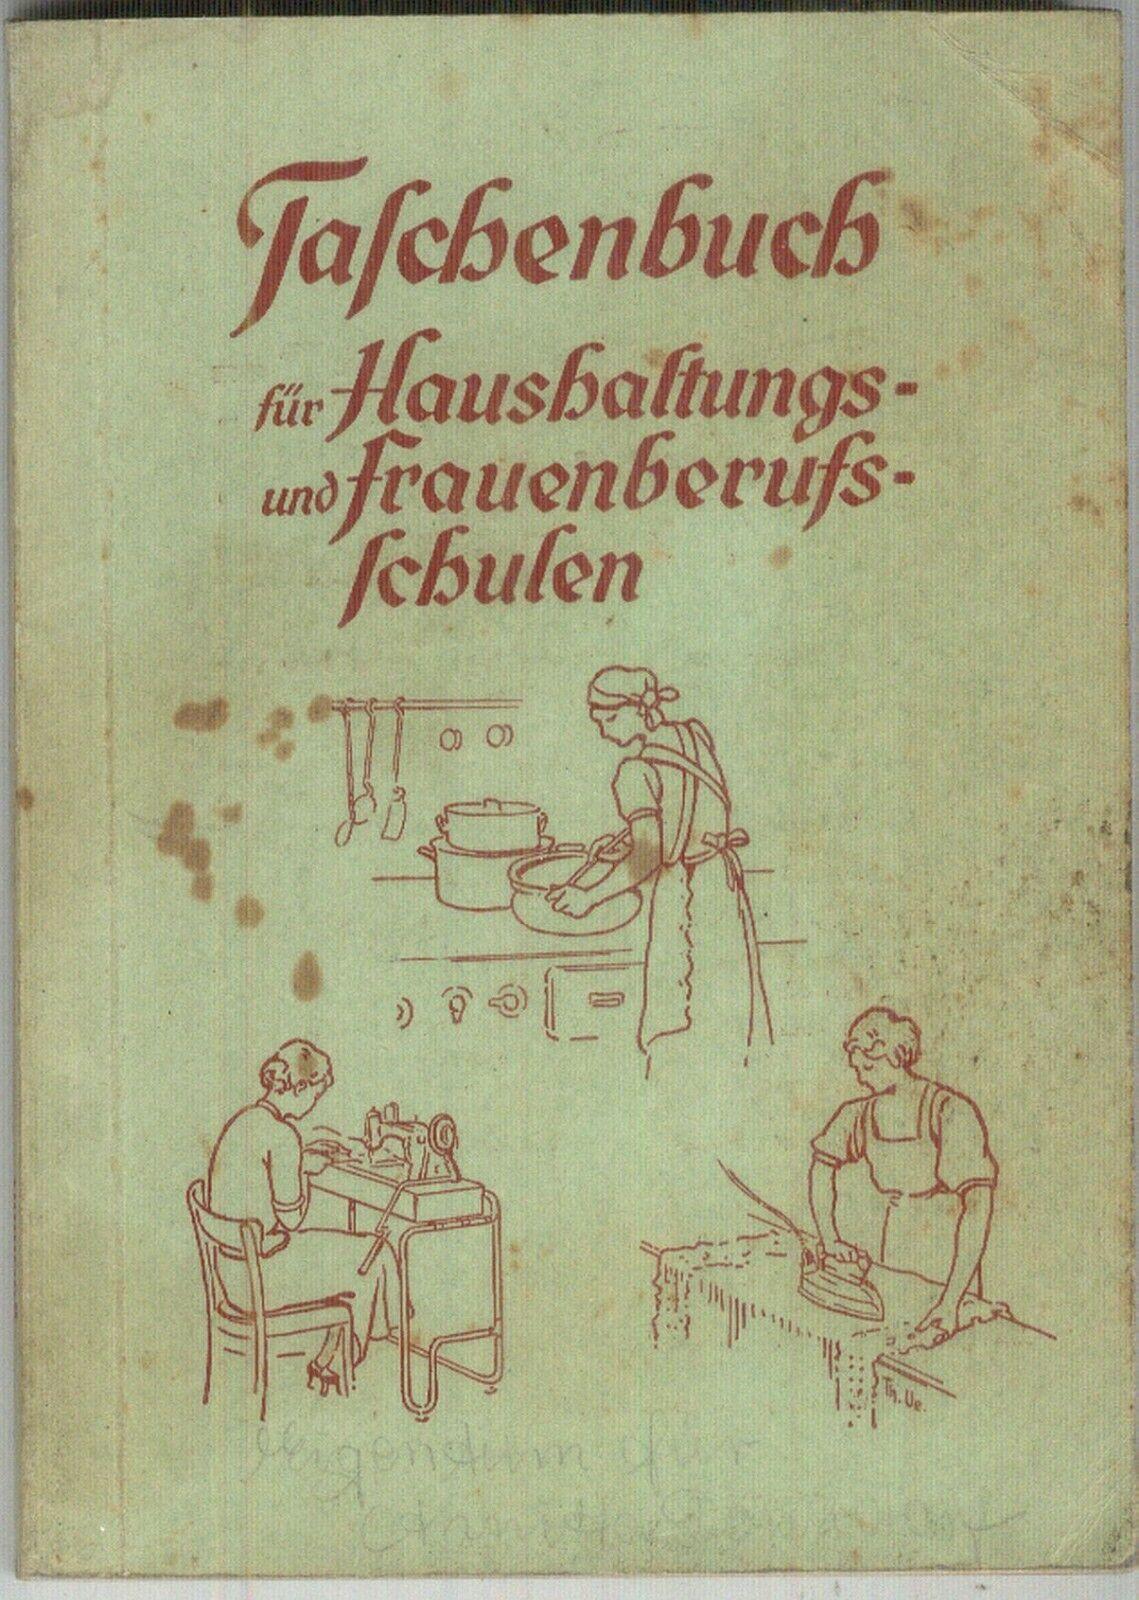 Taschenbuch für Haushaltungs und Frauenberufsschulen  um 1930